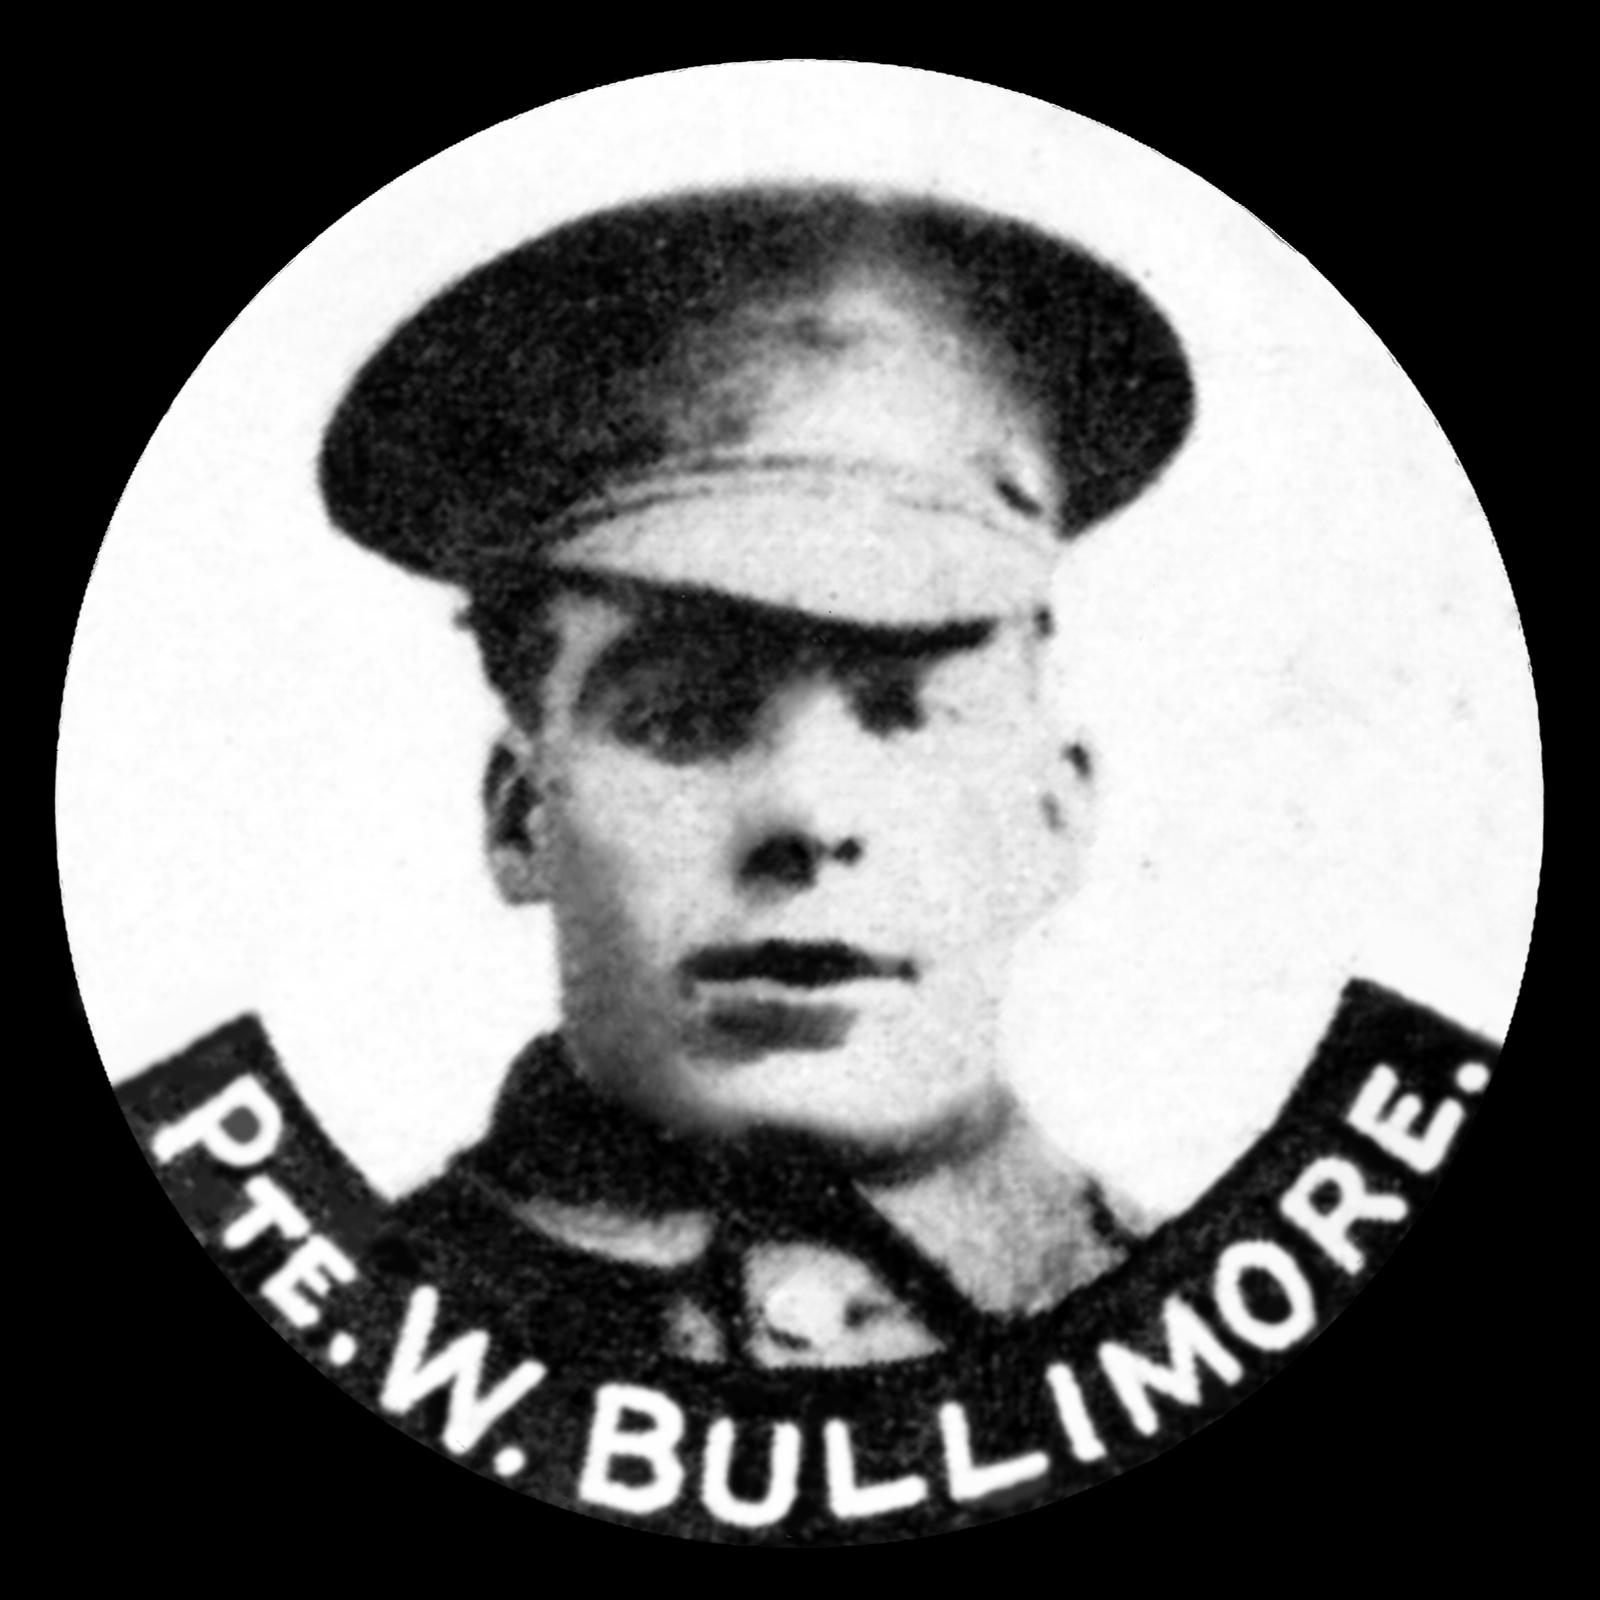 BULLIMORE William